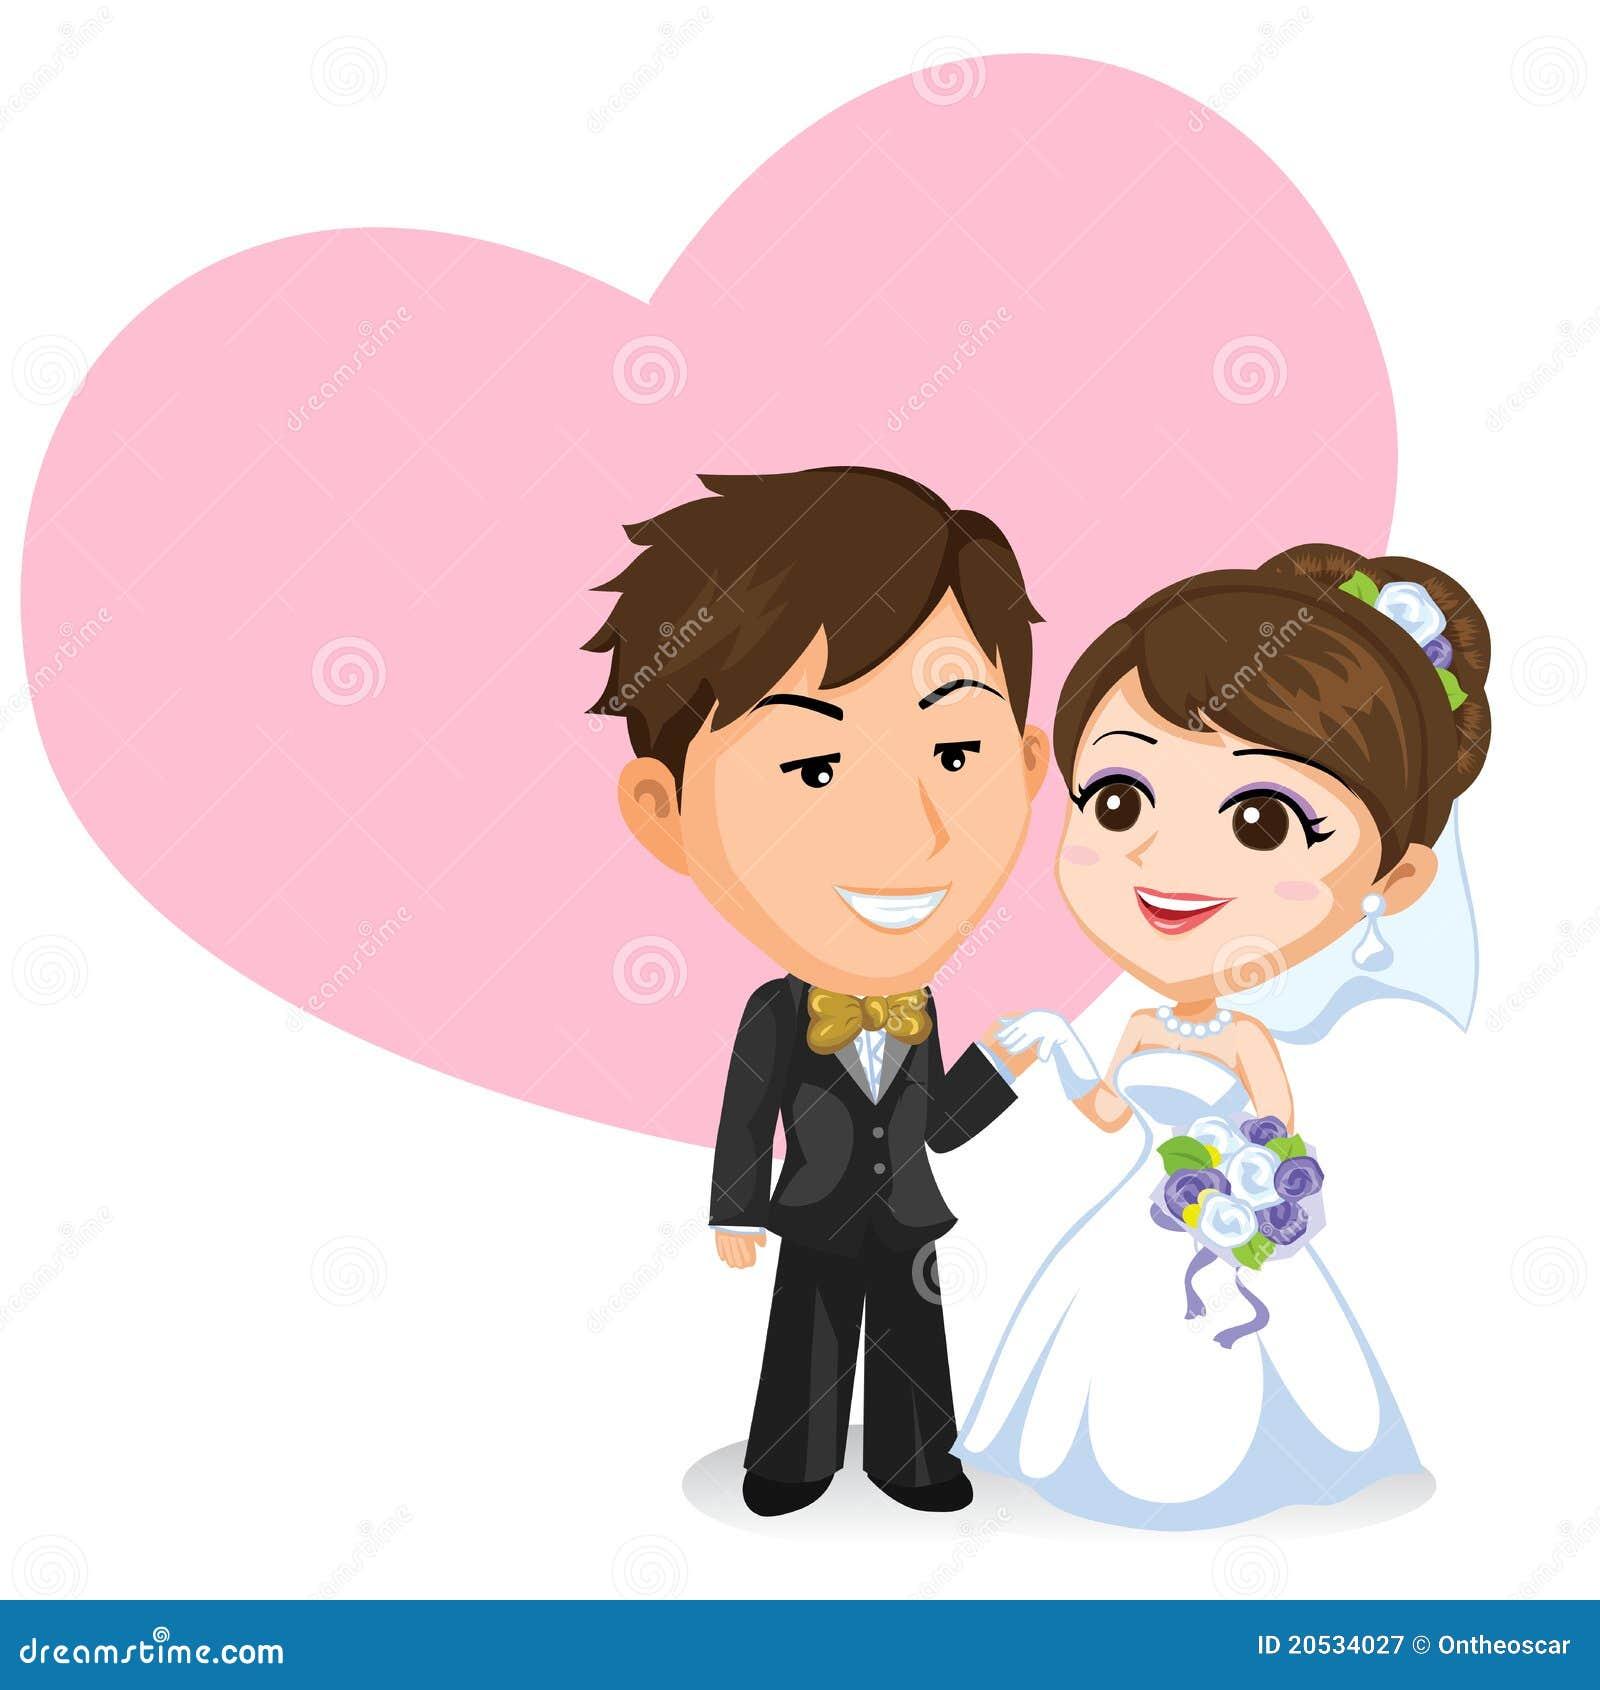 Apologise, but asian matrimonial site